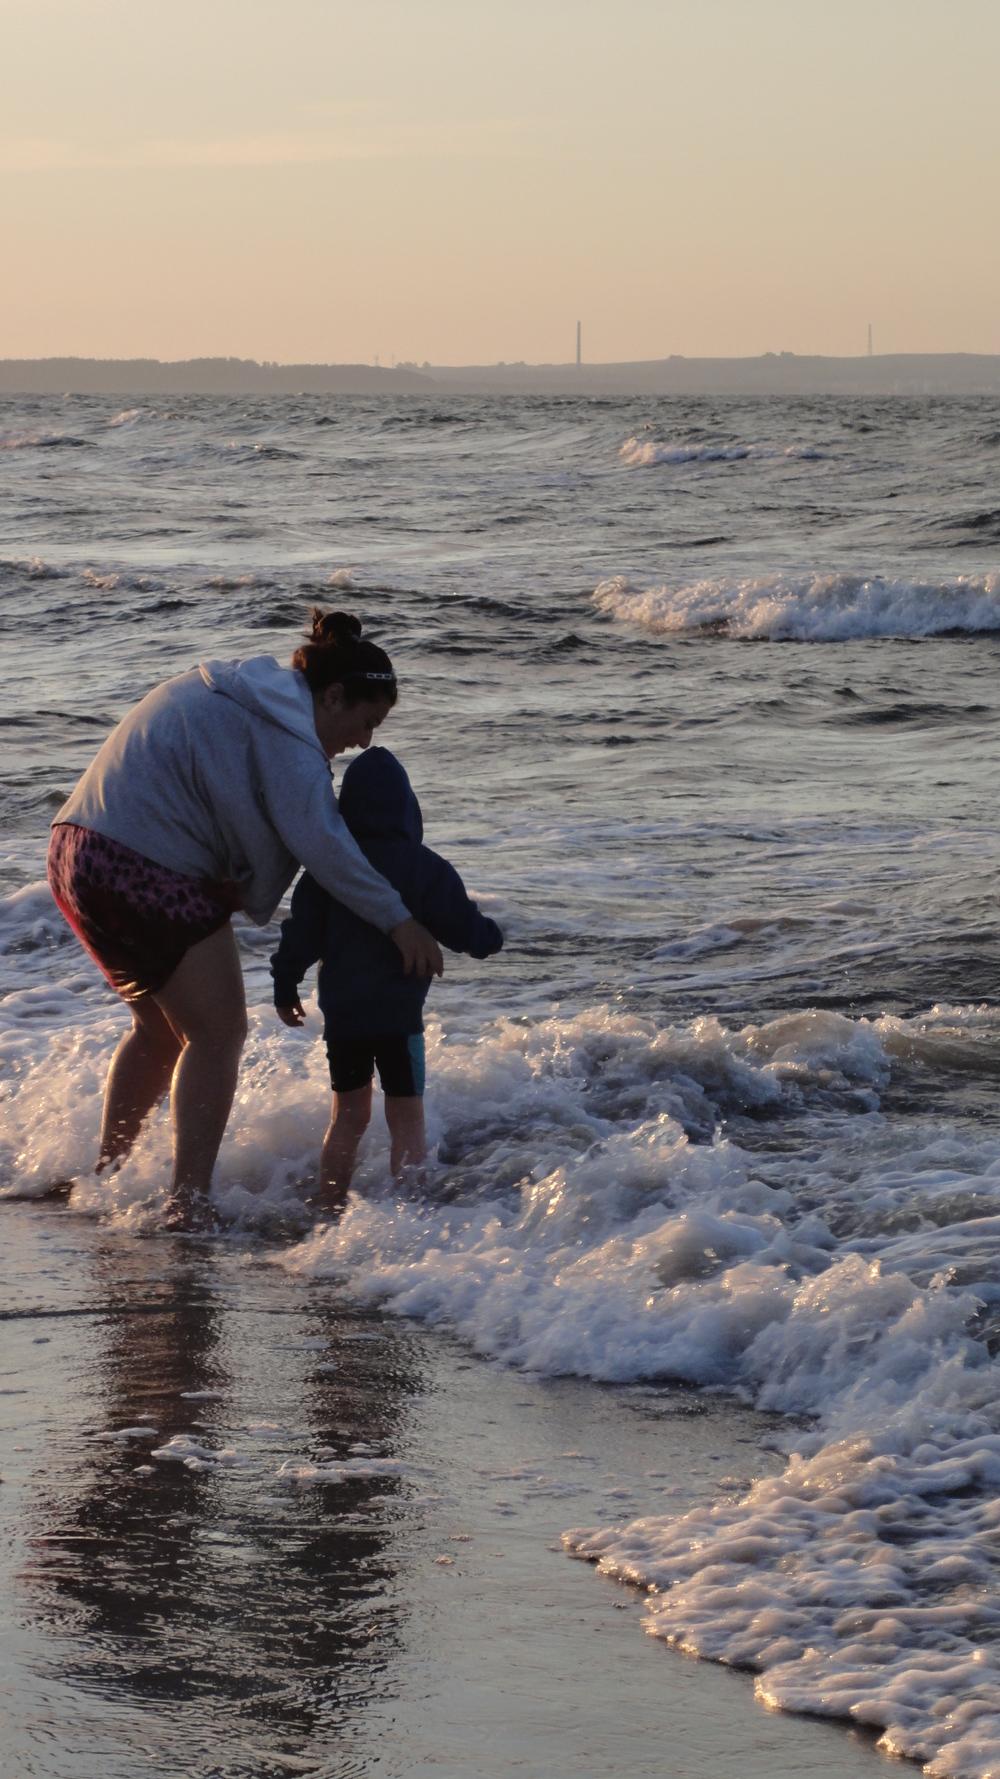 Au Pair mit Kind am Strand